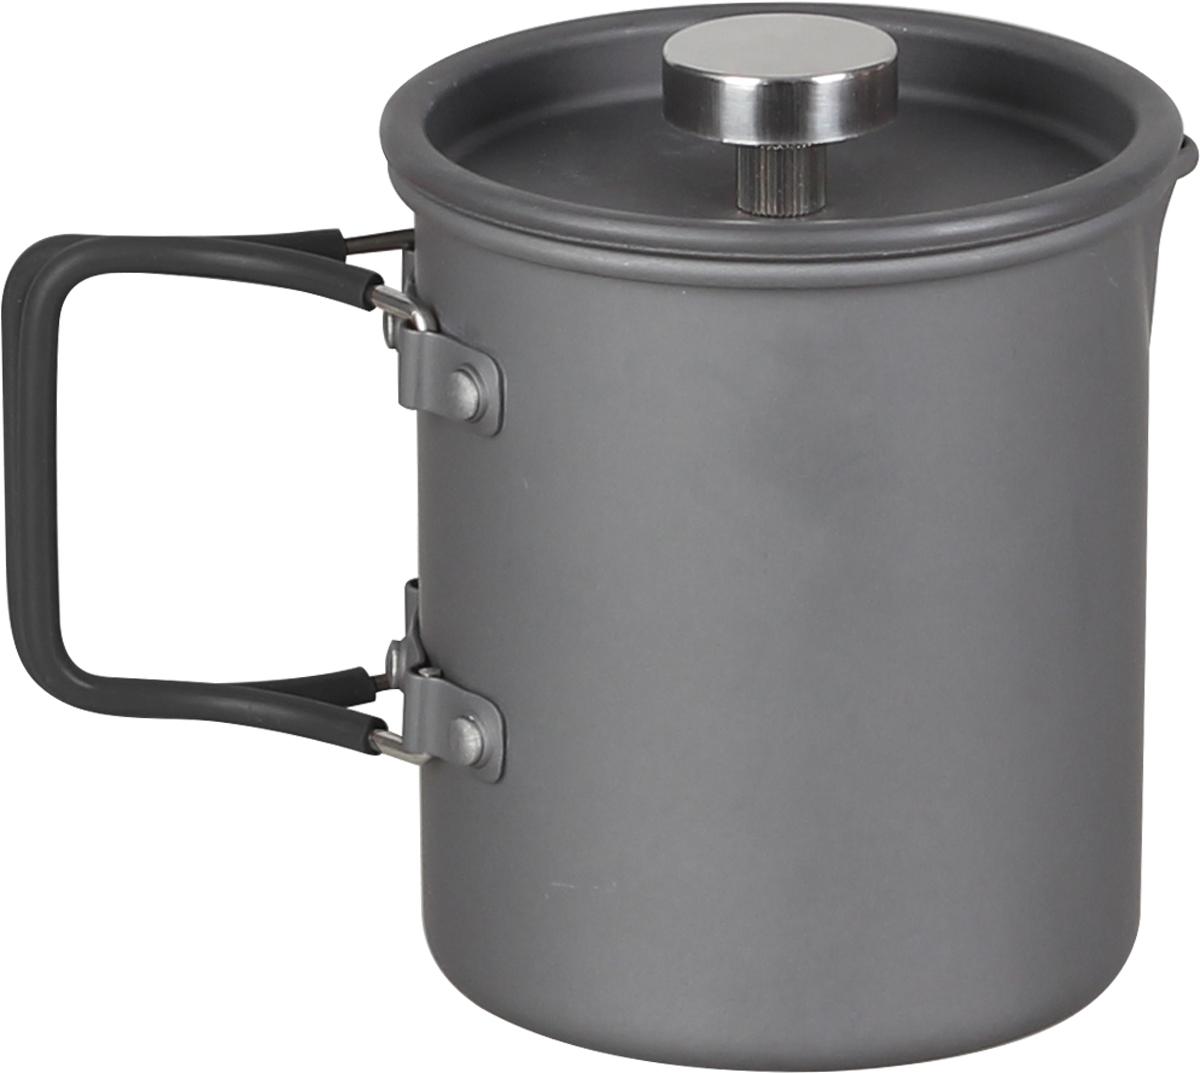 Кружка-чайник заварной Сплав, цвет: серый металлик, 600 мл5108725Что может скрасить суровые походные будни больше, чем кружка горячего чая вечером? Наверное, только та же кружка, наполненная ароматным кофе, с утра, особенно, если этот кофе принесут в палатку перед подъемом.Кружка френч-пресс поможет ускорить процесс приготовления напитков, и подчеркнуть их достоинства. Кроме того дежурным не придется ломать голову, над вопросом очередности приготовления блюд - всегда можно отлить кипятка в одну кружку, прежде чем засыпать в кан крупу.Для того чтобы заварить чай или кофе в этой кружке, нужно засыпать молотый кофе или чай, залить кипяток, подождать 5 мин для кофе и 3-4 мин для чая и опустить плунжер на дно кружки. Напиток готов, и можно наслаждаться жизнью.Изготовленная из анодированного алюминия емкость обладает обычной для алюминиевой посуды легкостью и не ухудшает вкуса напитка.Ручки складываются, что увеличивает компактность упаковки.Силиконовые трубки на ручках кружки-чайника не дадут Вам обжечься.Носик позволяет безопасно разливать напиток по кружкам друзей.Анодированный алюминий (anodised aluminium) — это алюминий со специальным покрытием, получаемым электролитическим способом, которое защищает от окисления и служит защитой от механических повреждений. Кружка-чайник легко чистится. Покрытие не разрушается со временем и не отслаивается.